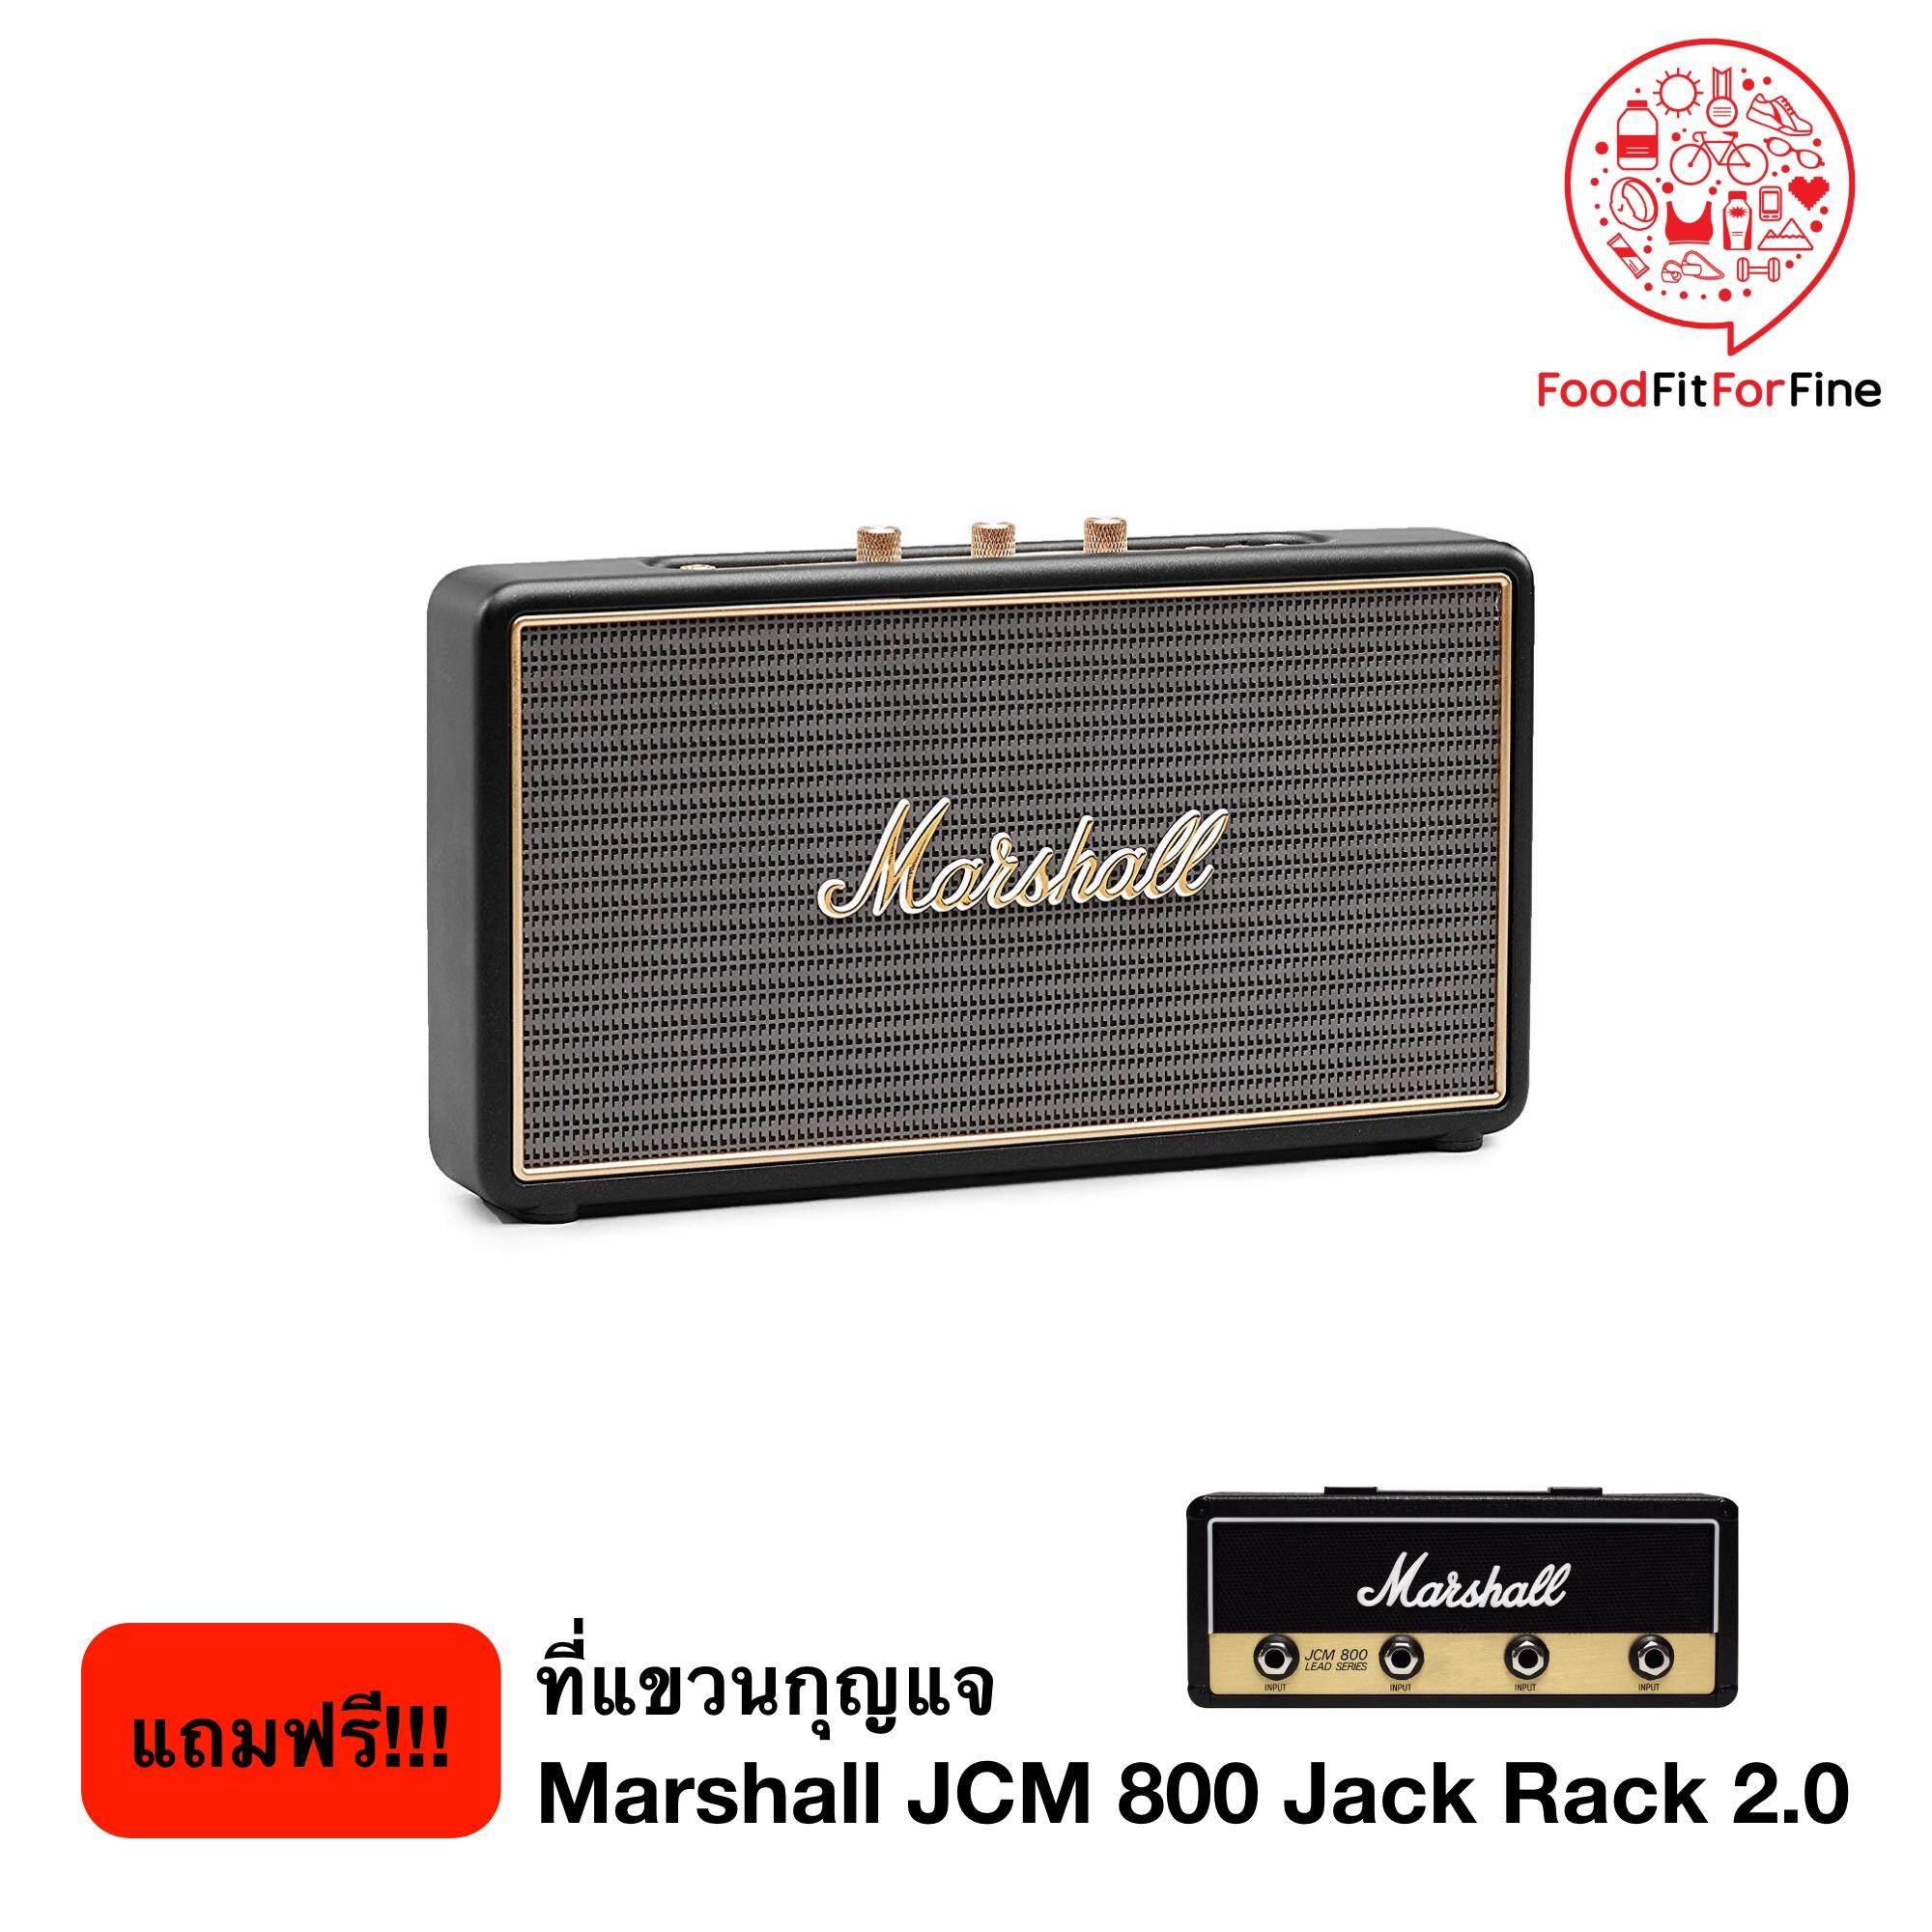 การใช้งาน  ชลบุรี ลำโพง Marshall Stockwell No Flip Cover Bluetooth Speaker ประกันศูนย์ไทย 1 ปี แถมฟรี ที่แขวนกุญแจ Marshall JCM 800 Jack Rack 2.0